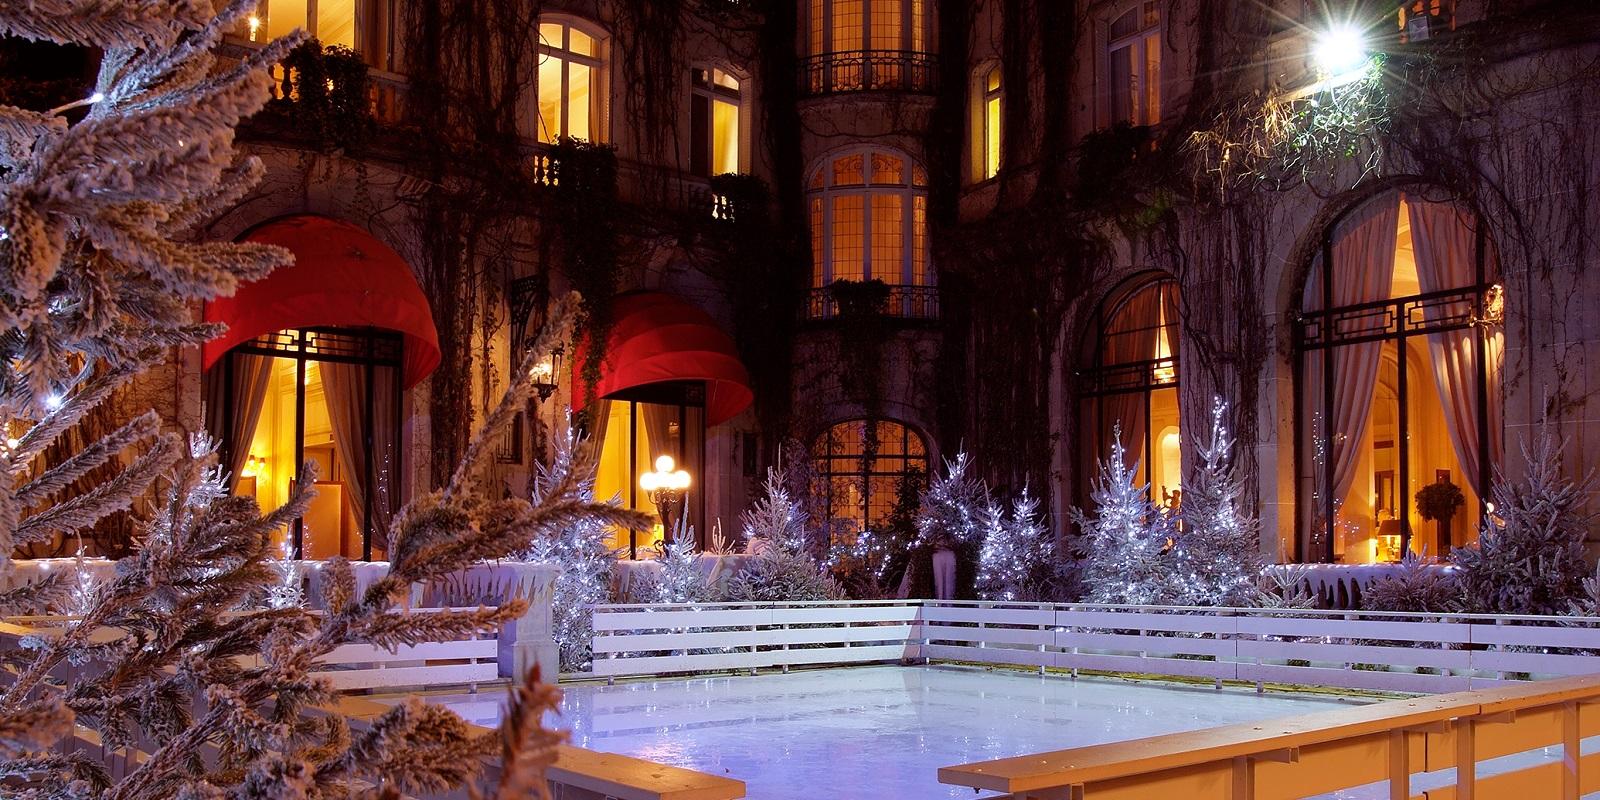 Ледената пързалка на хотел Плаца Атене, Париж